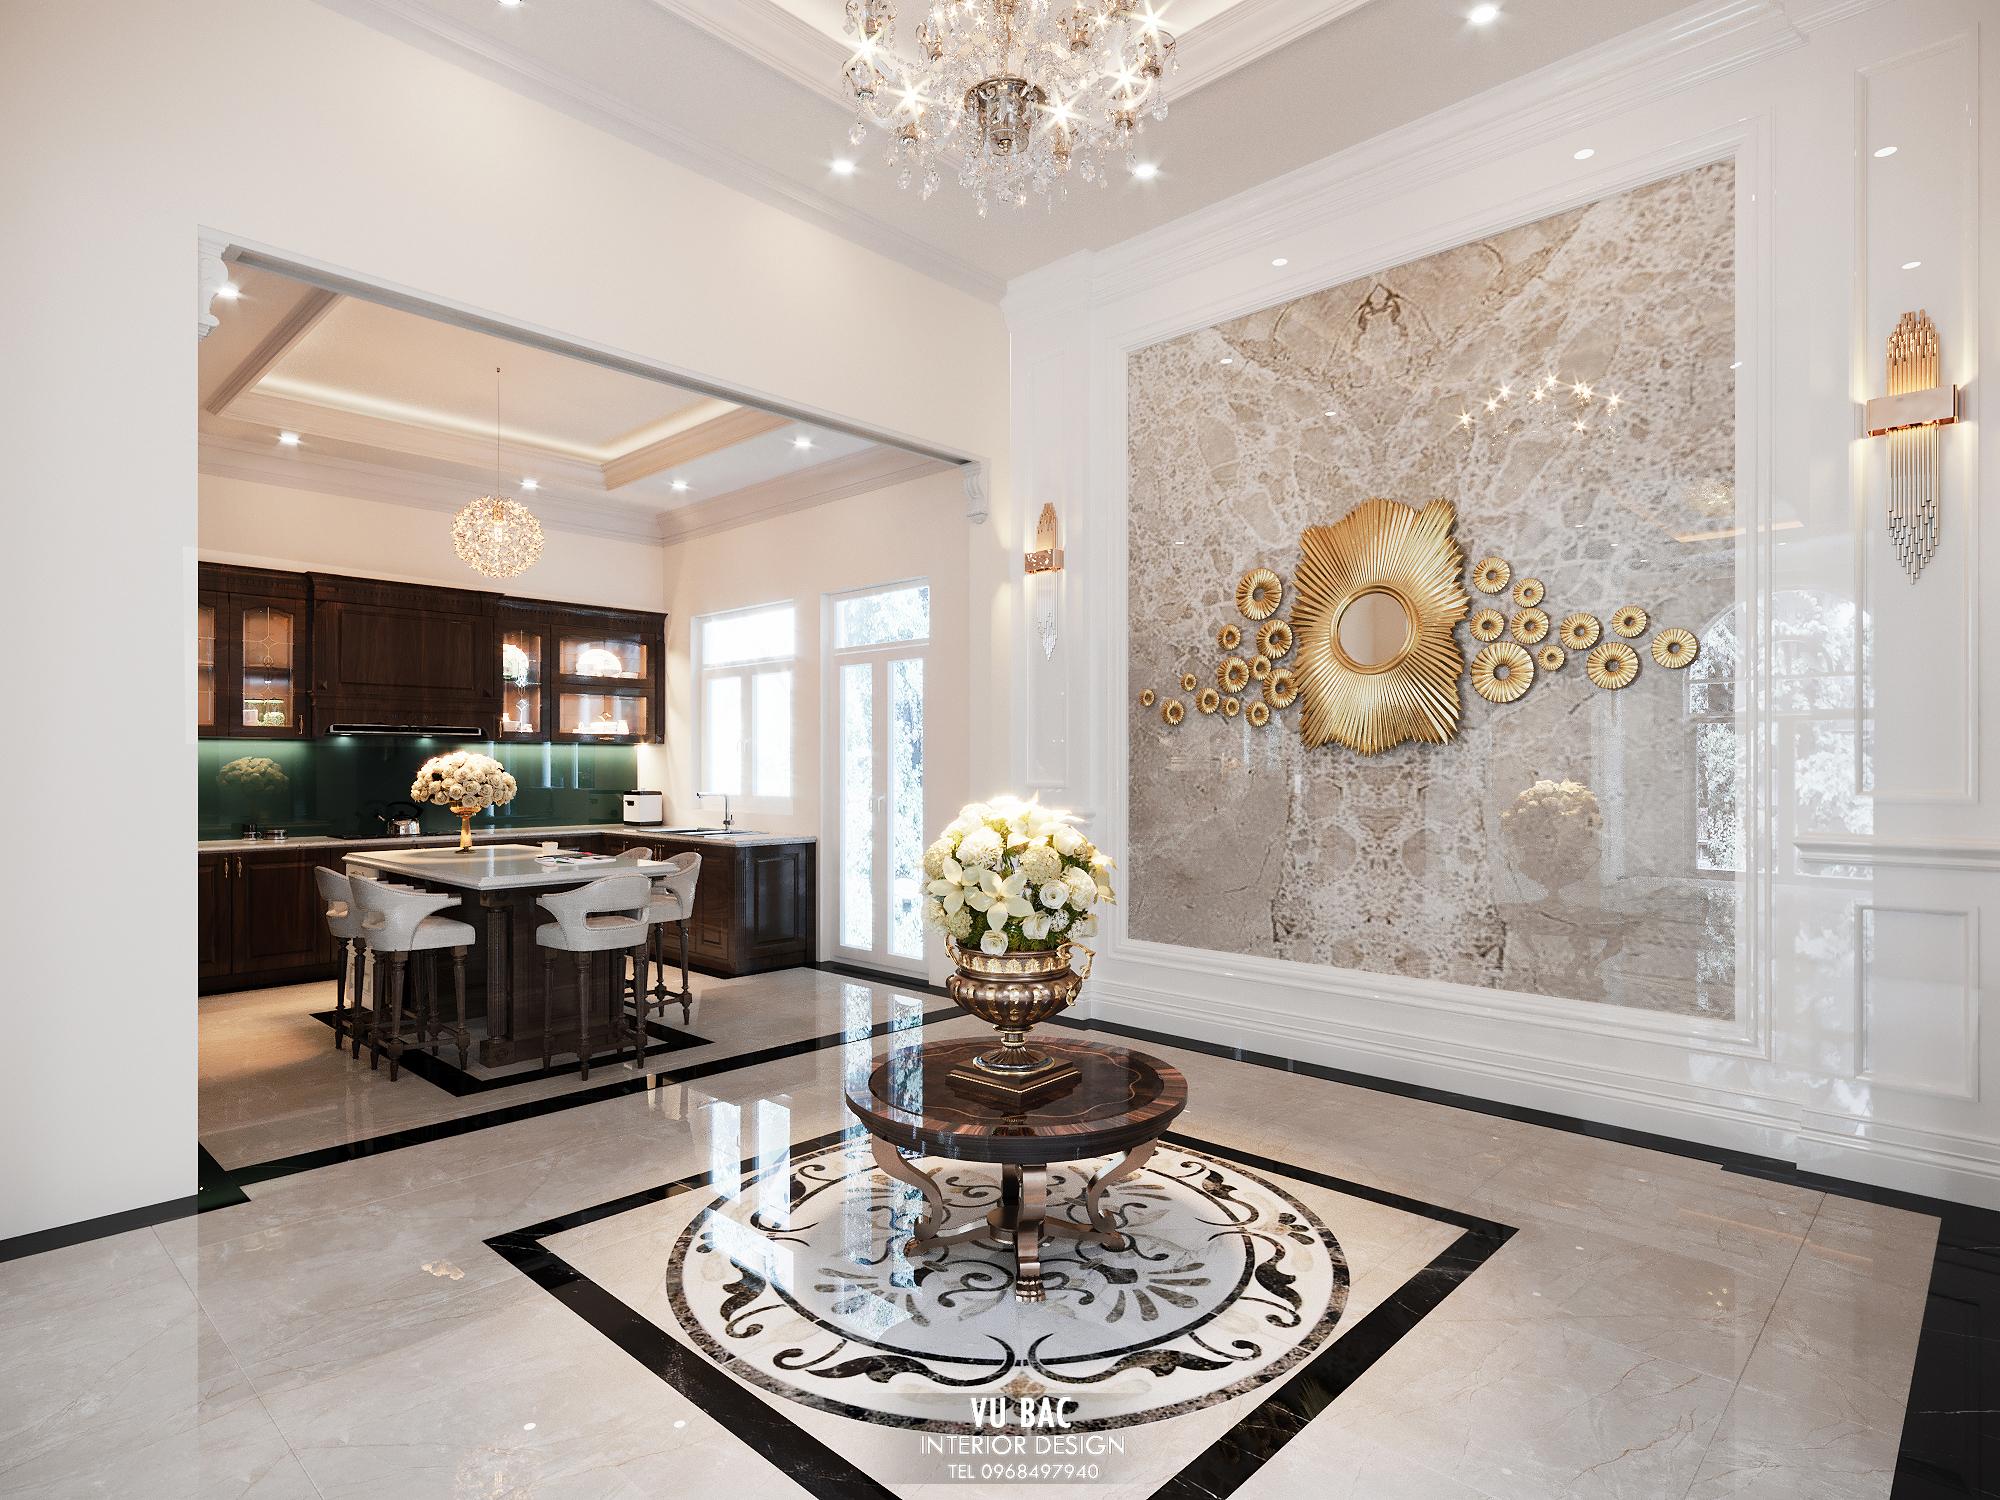 thiết kế nội thất Biệt Thự tại Hồ Chí Minh Villa Ven Sông Q7, Hồ Chí Minh 16 1548942972